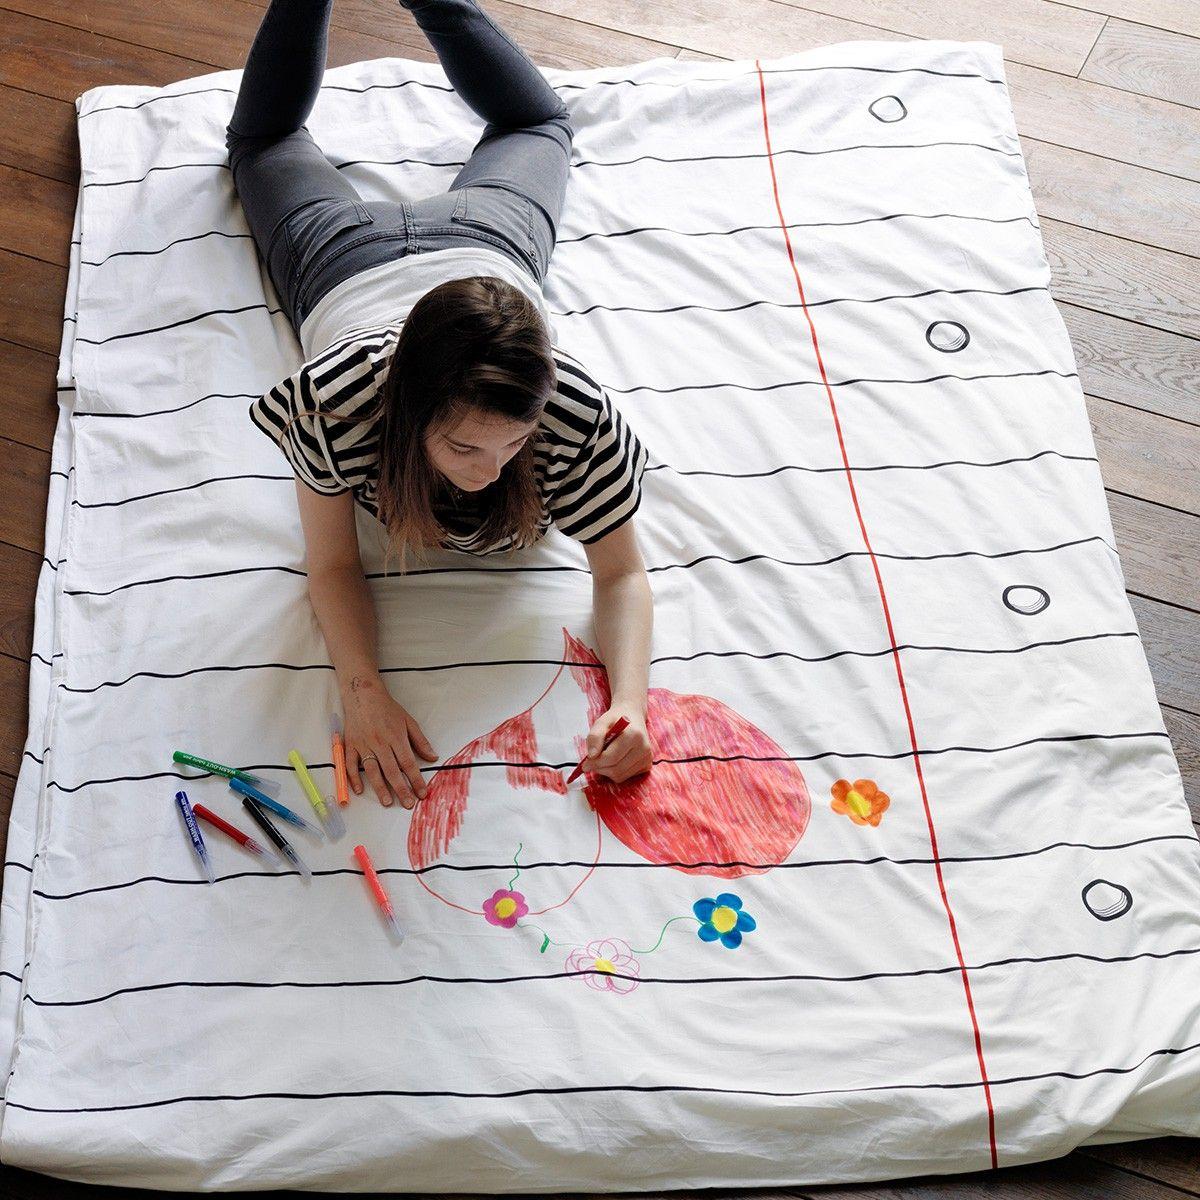 bettdecke zum bemalen bettdecke botschaft und zum beispiel. Black Bedroom Furniture Sets. Home Design Ideas